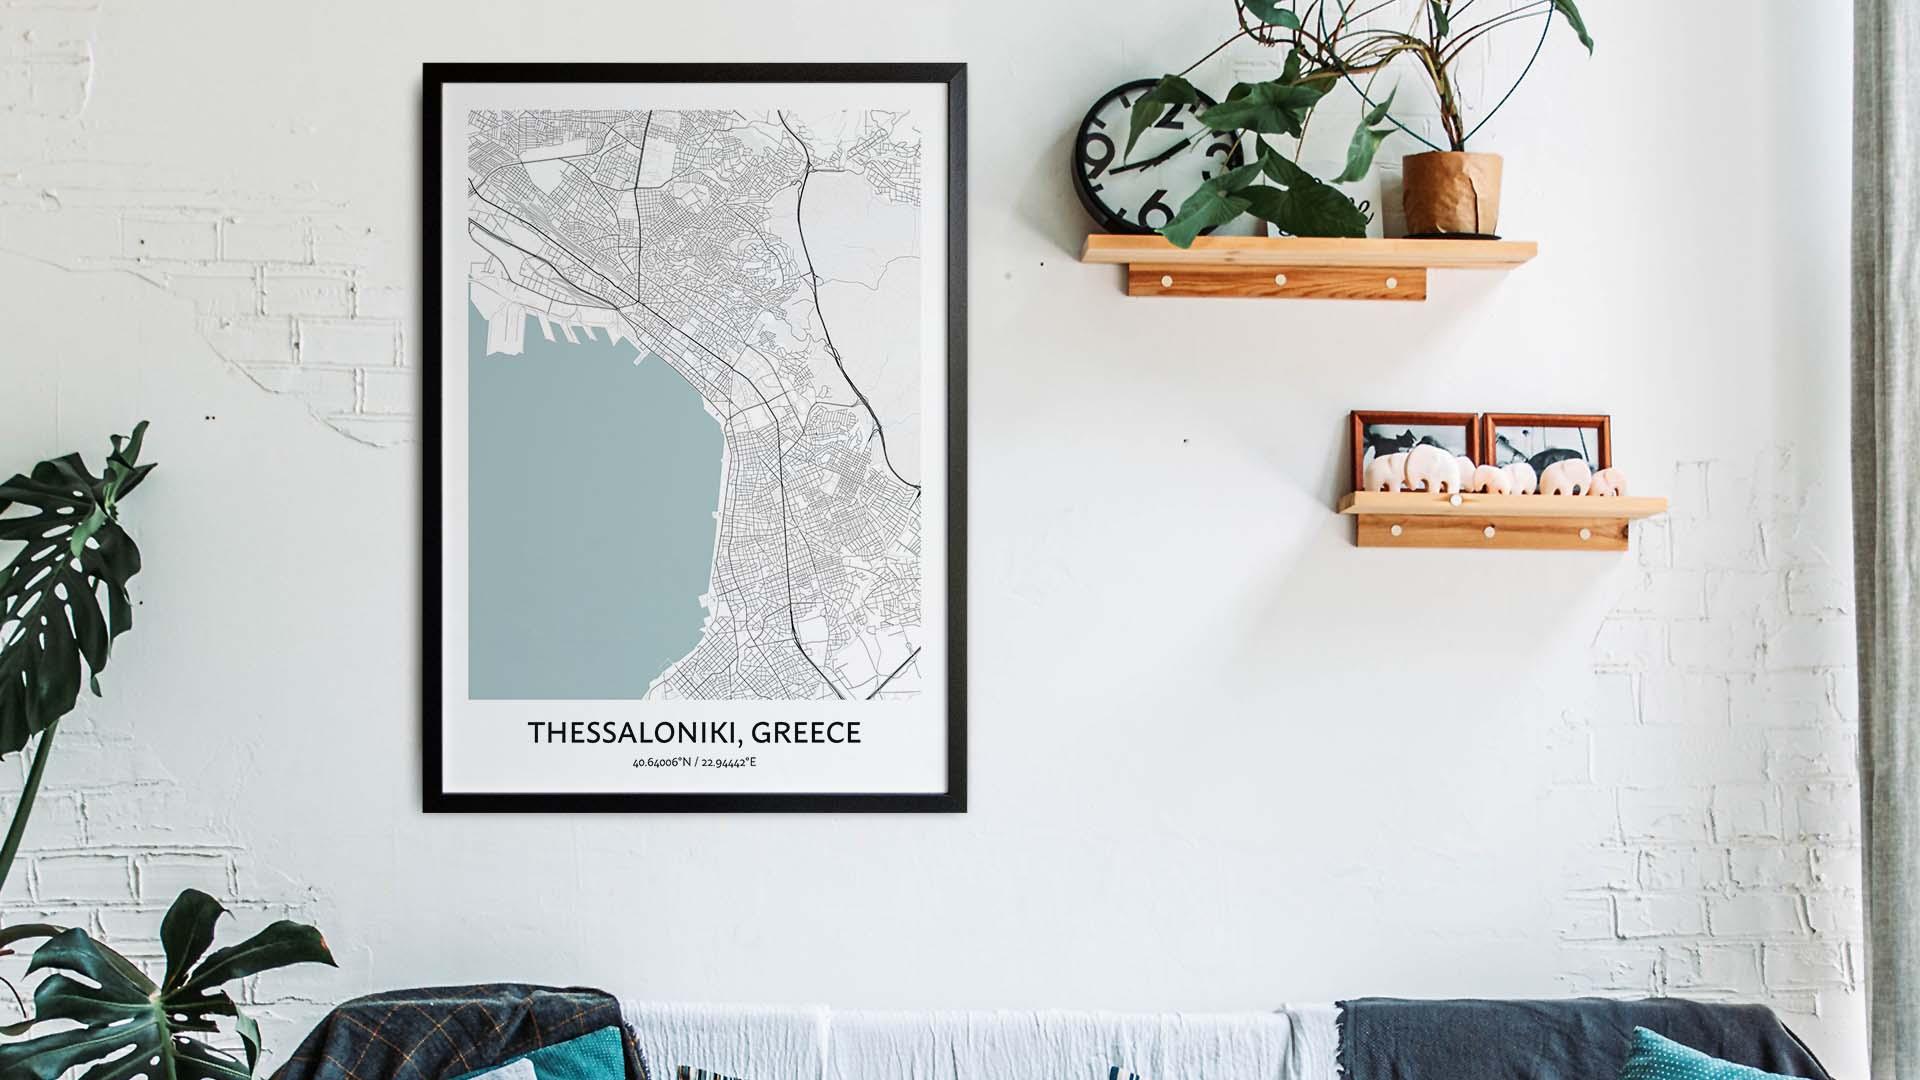 Thessaloniki map art